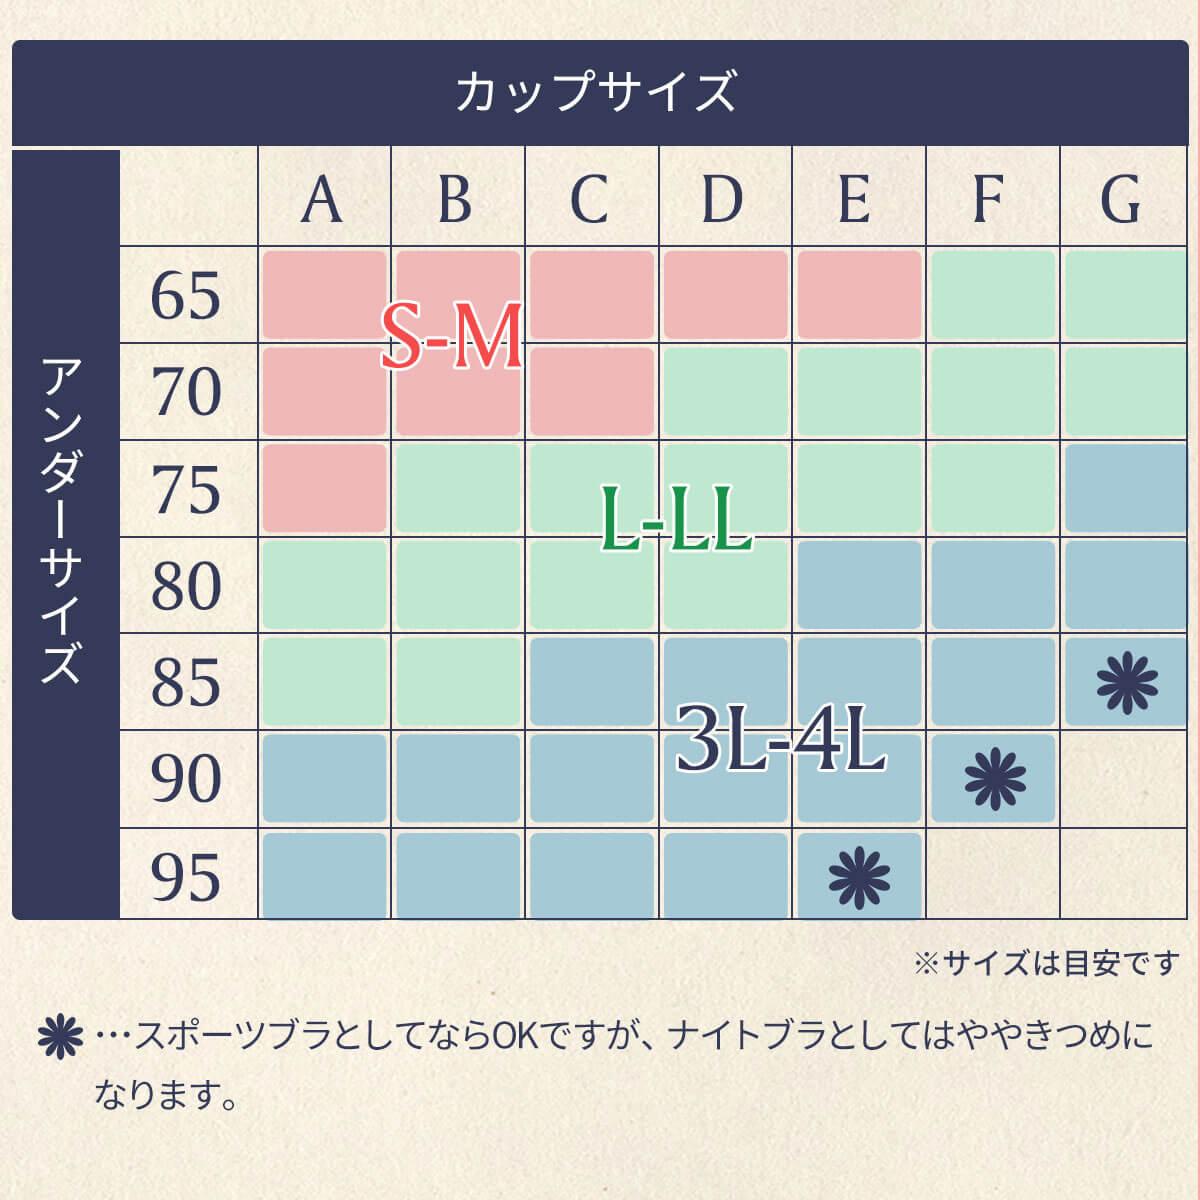 RakuBra(ラクブラ)24のサイズ表